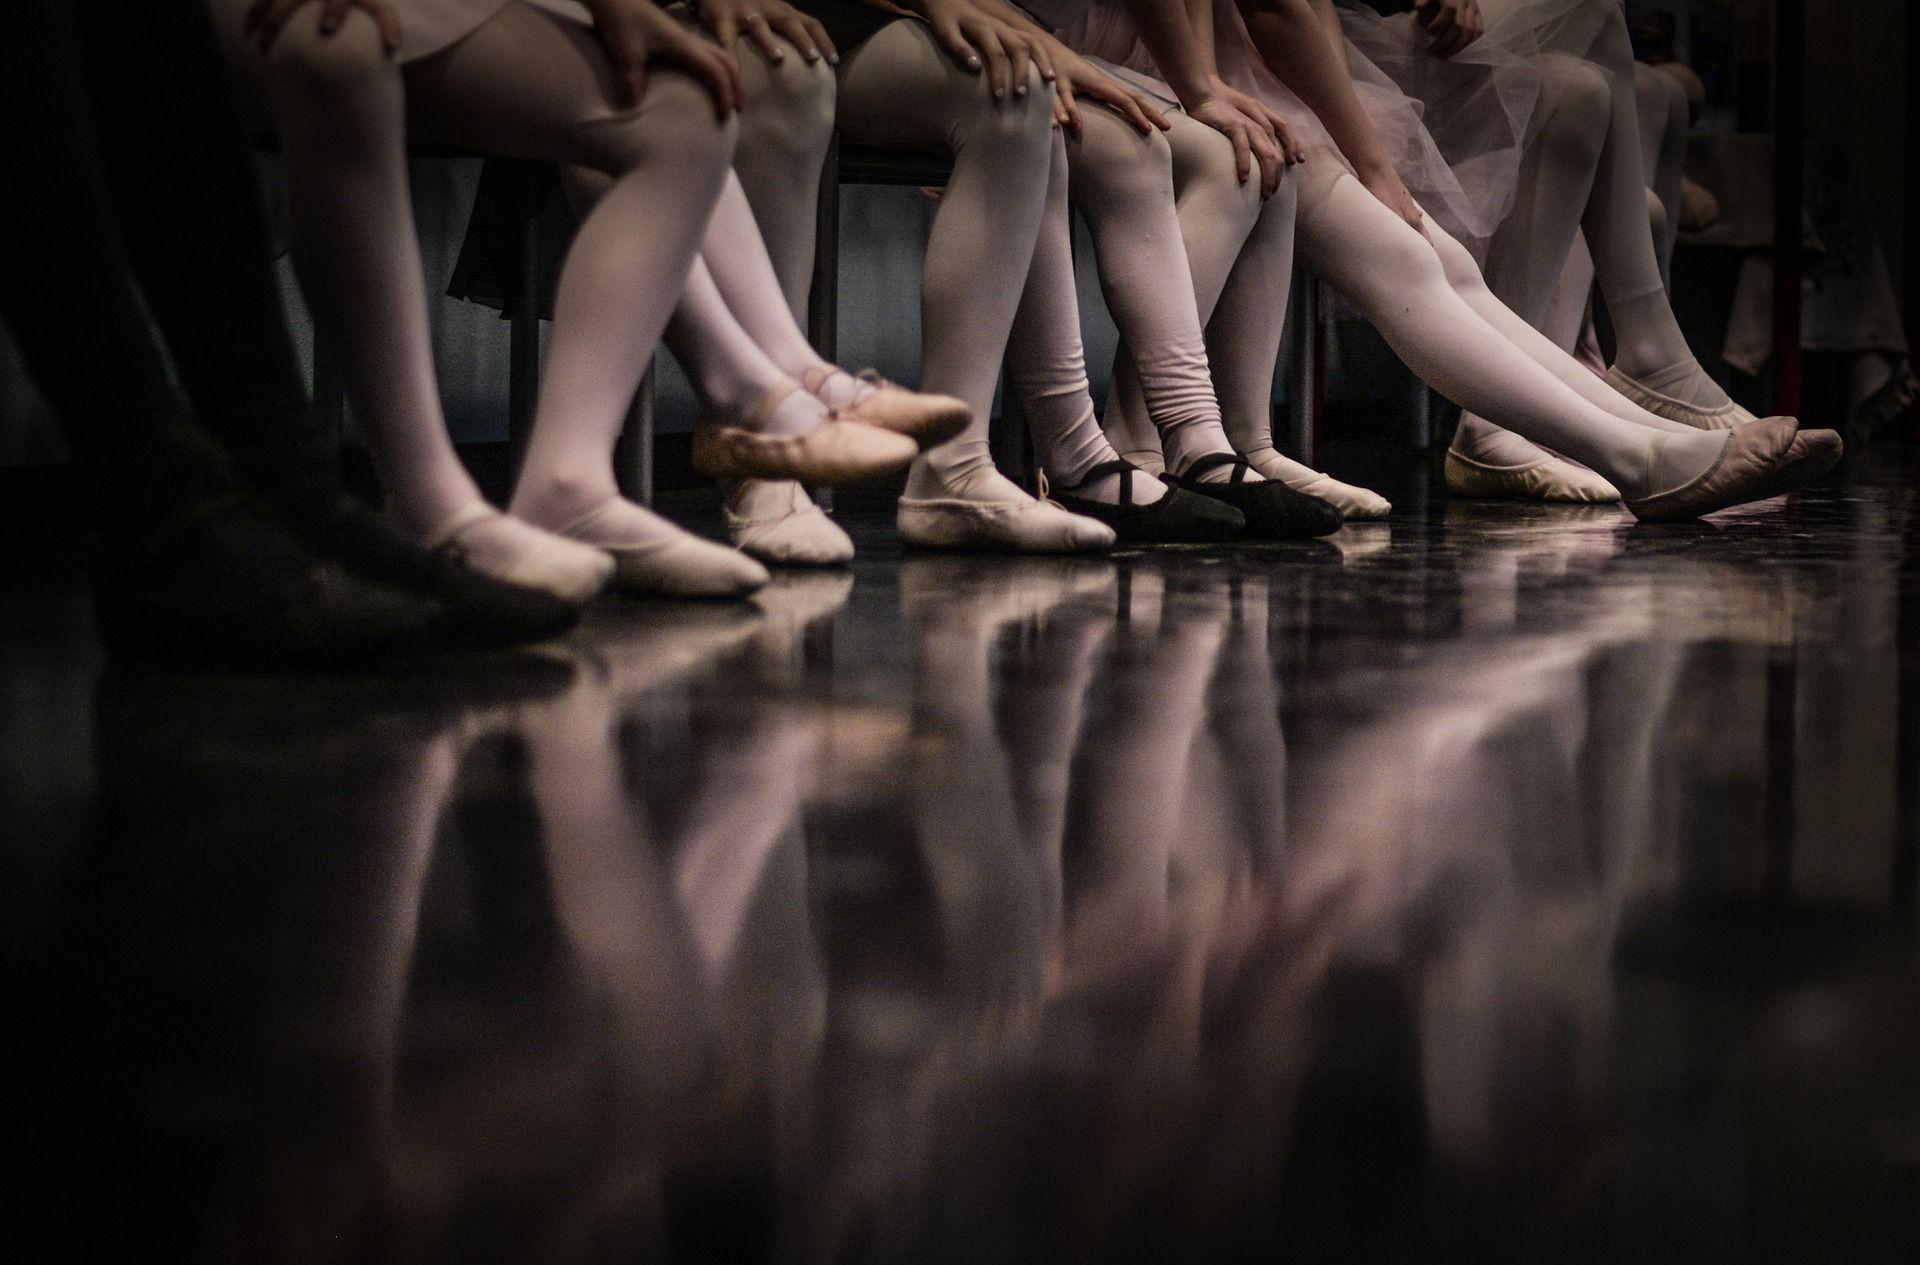 Eine Bank voll Kinderfüßen in Ballettschläppchen ist abgebildet.